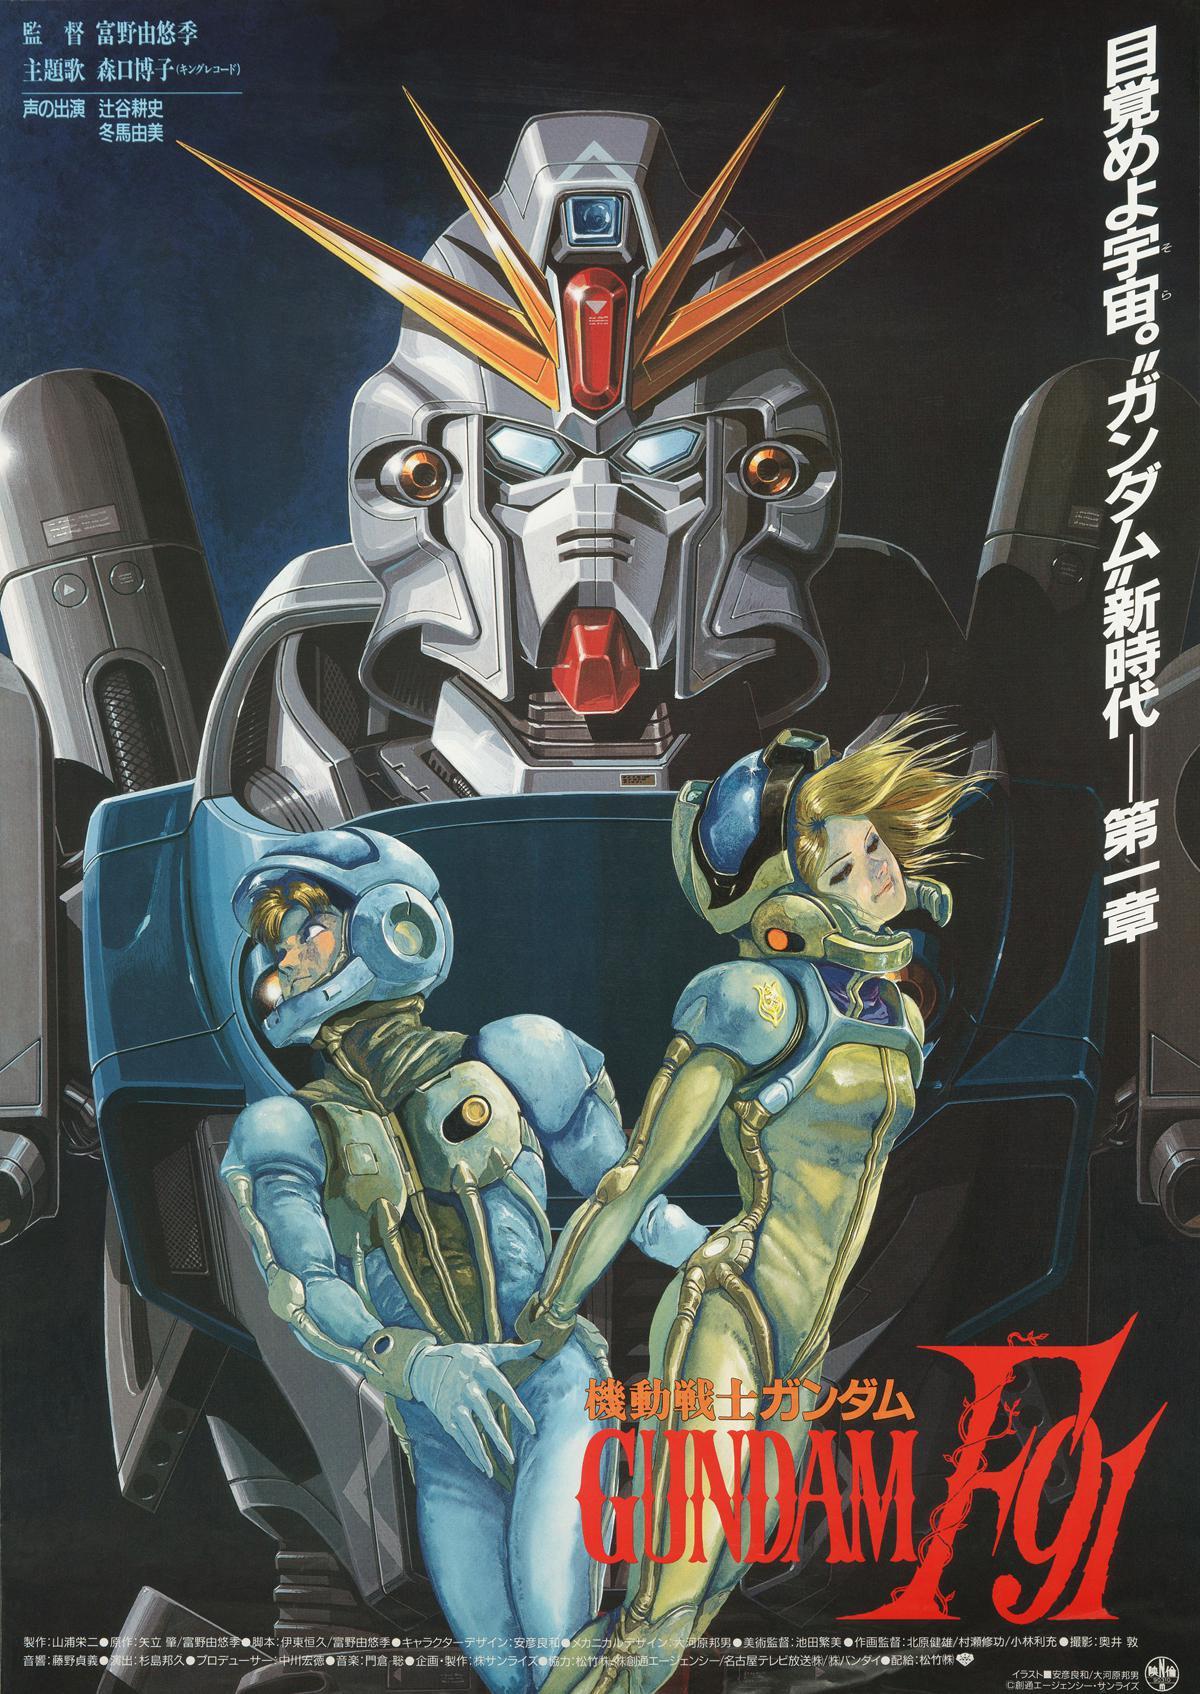 Mobile Suit Crossbone Gundam ed F91